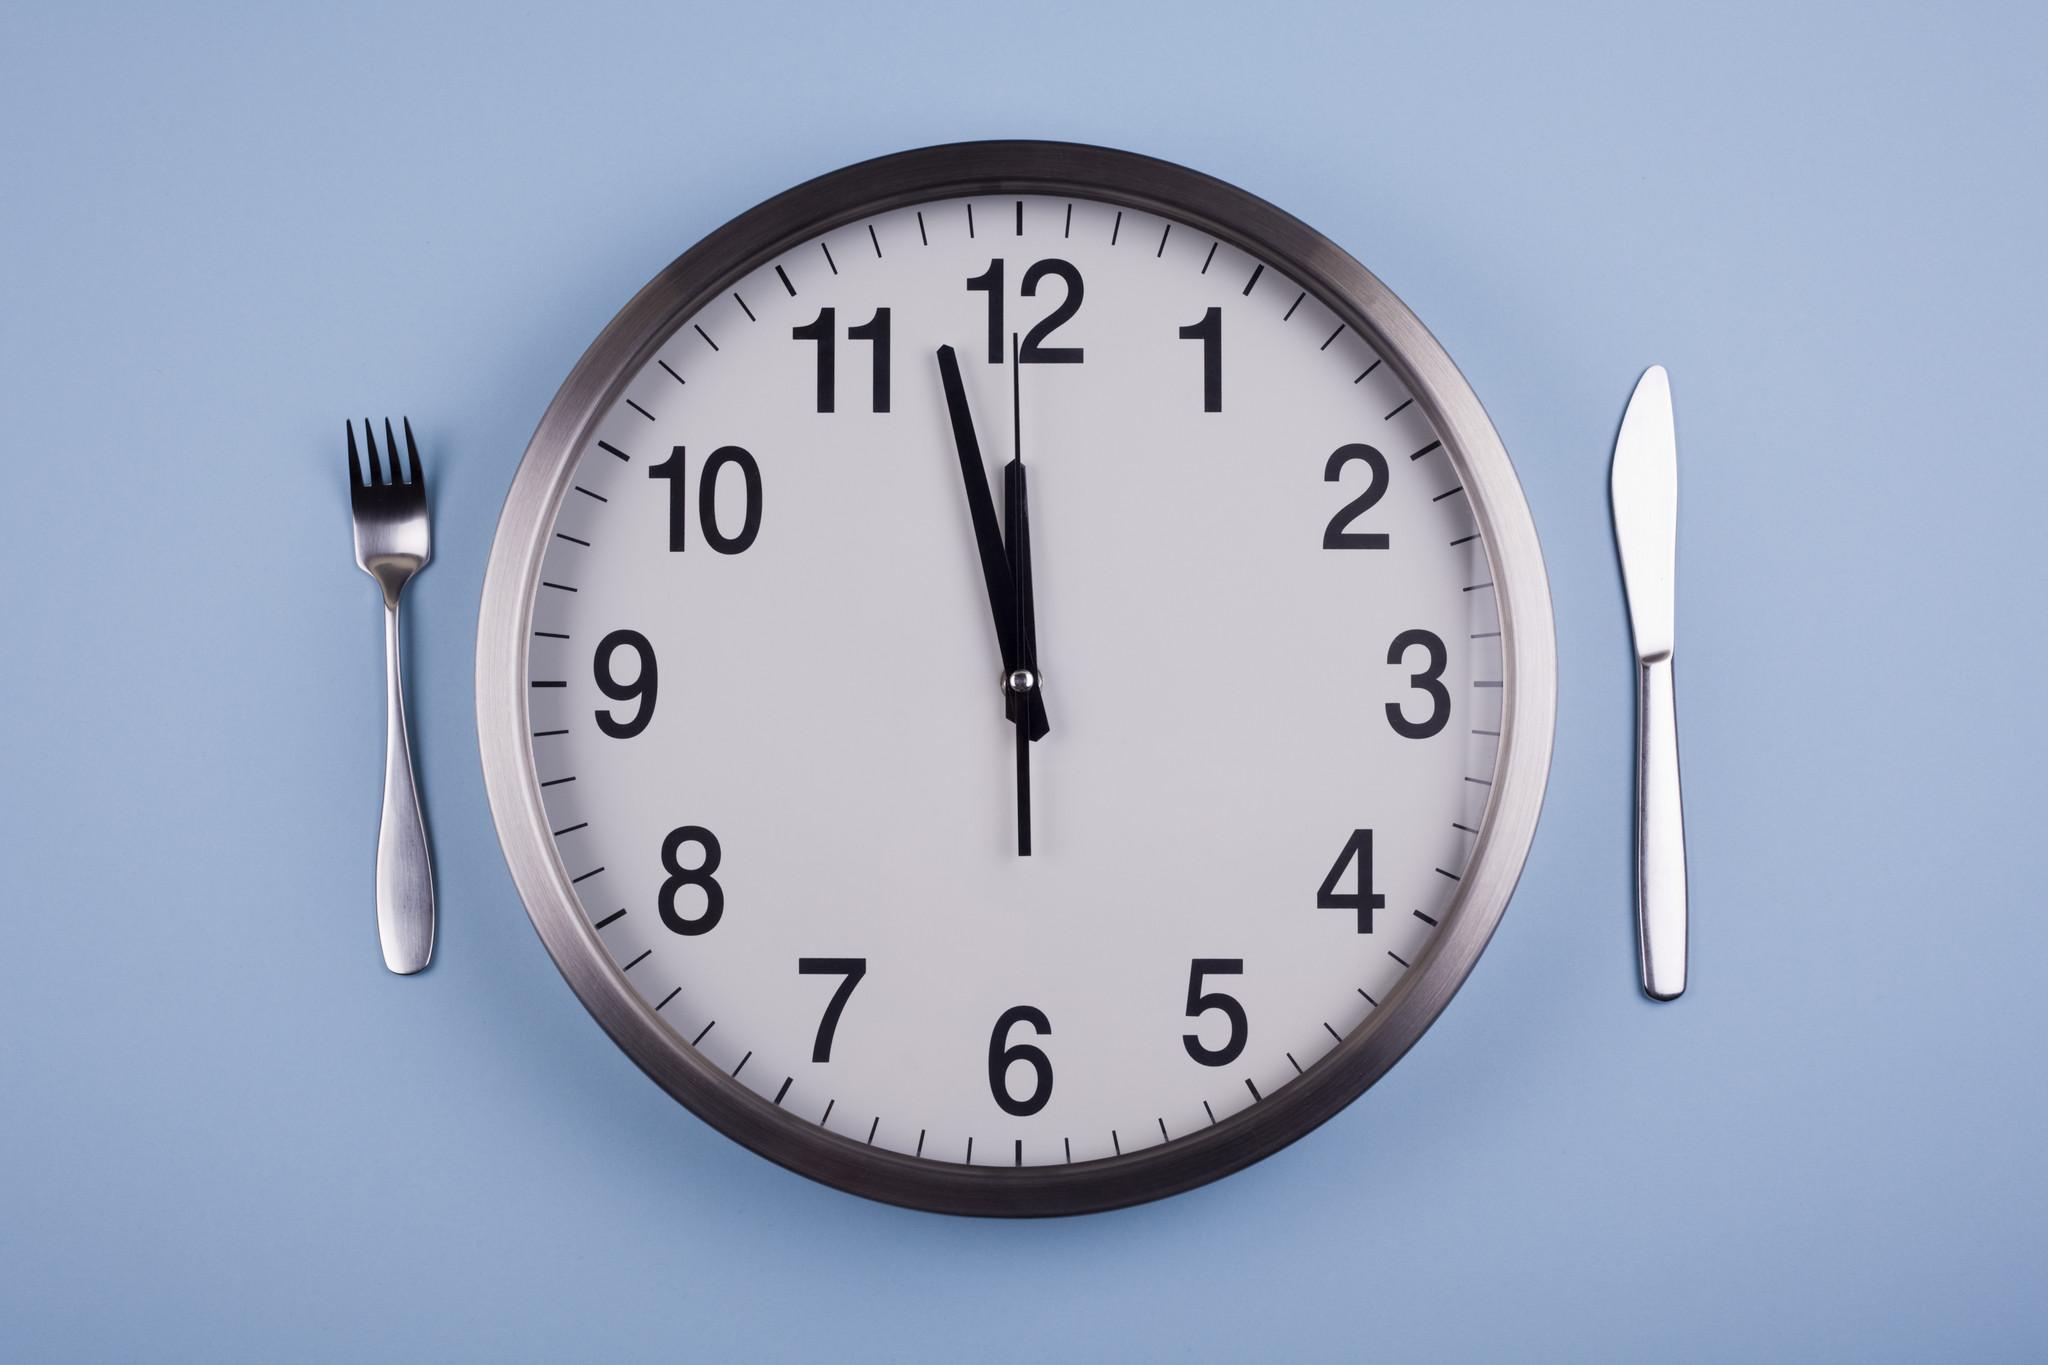 comer relógio